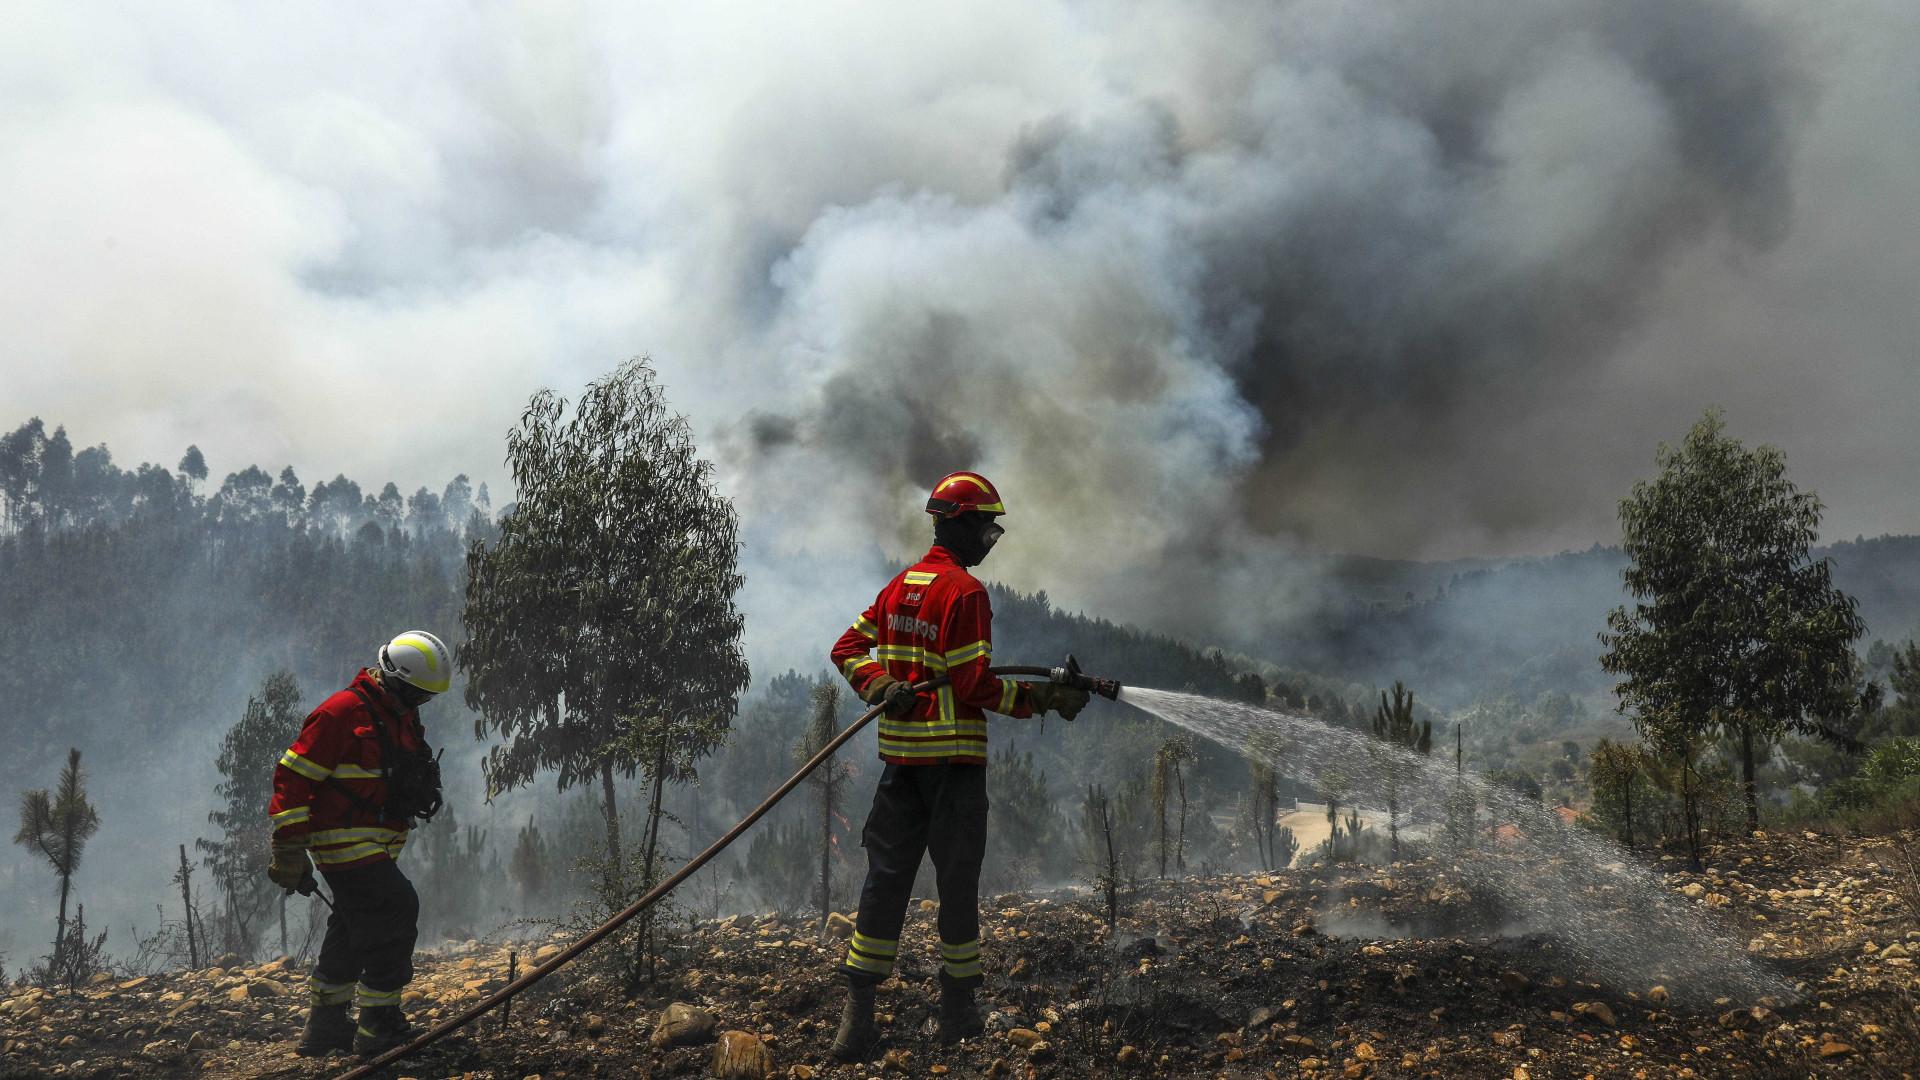 Refeições fornecidas aos bombeiros durante incêndios vão ser investigadas